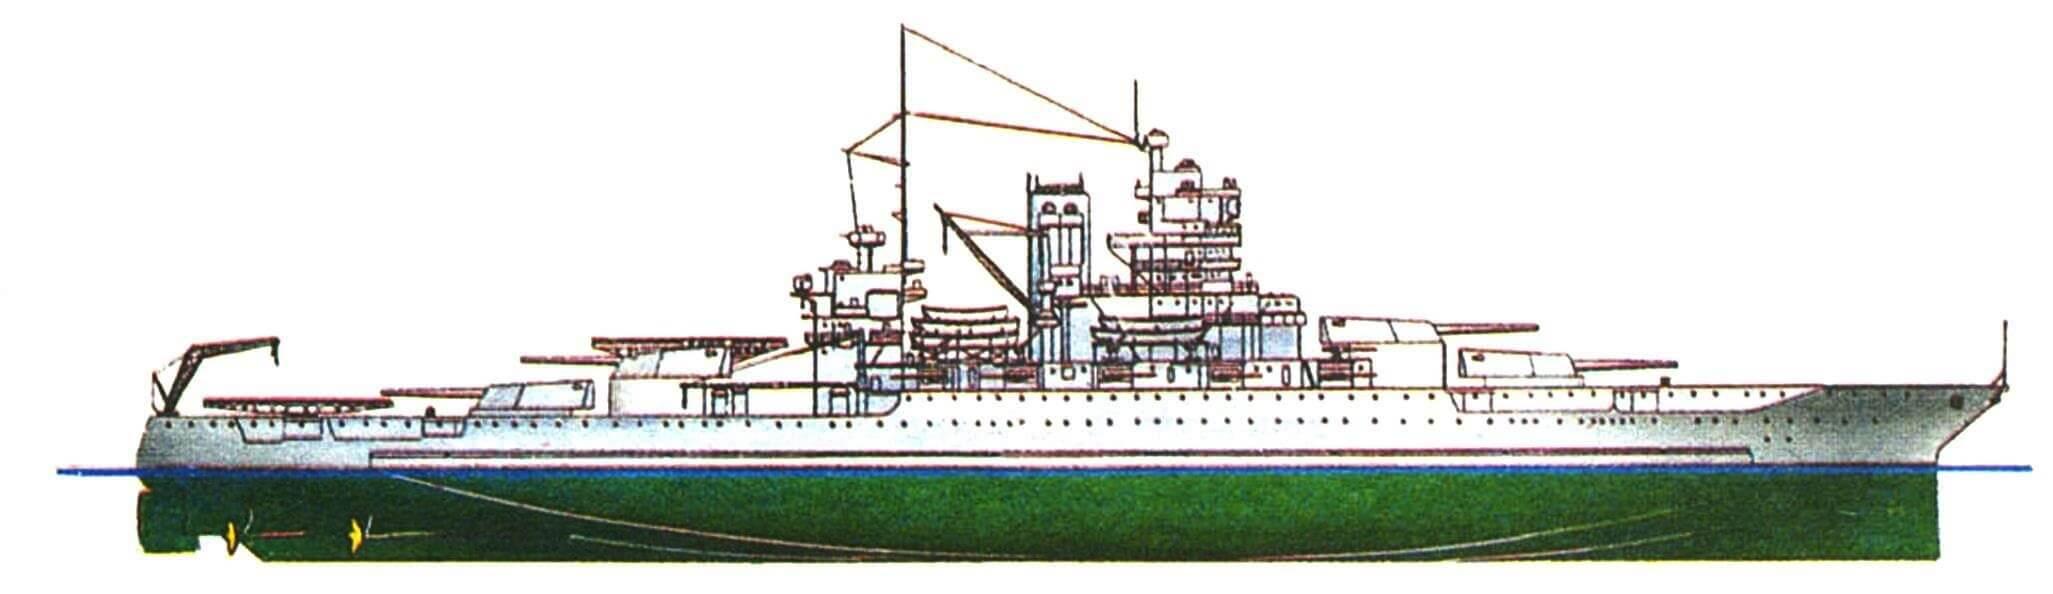 211.Линейный корабль «МИССИСИПИ», США, 1917/1936 г. Водоизмещение стандартное 33400 т, полное 40770 т, длина максимальная 182,9 м, ширина с булями 32,4 м, осадка 9,4 м. Мощность четырехвальной турбинной установки 40000 л.с., скорость 21,5 уз. Броня: пояс до 343 мм, башни до 457 мм, палубы до 140 мм, рубка 406 мм. Вооружение: по двенадцать 356-мм и 127-мм орудий, восемь 76-мм зенитных пушек, двенадцать 28-мм зенитных автоматов. Внешний вид корабля показан по состоянию на 1936 г. Аналогичным образом модернизированы однотипные «Нью-Мексико» и «Айдахо».